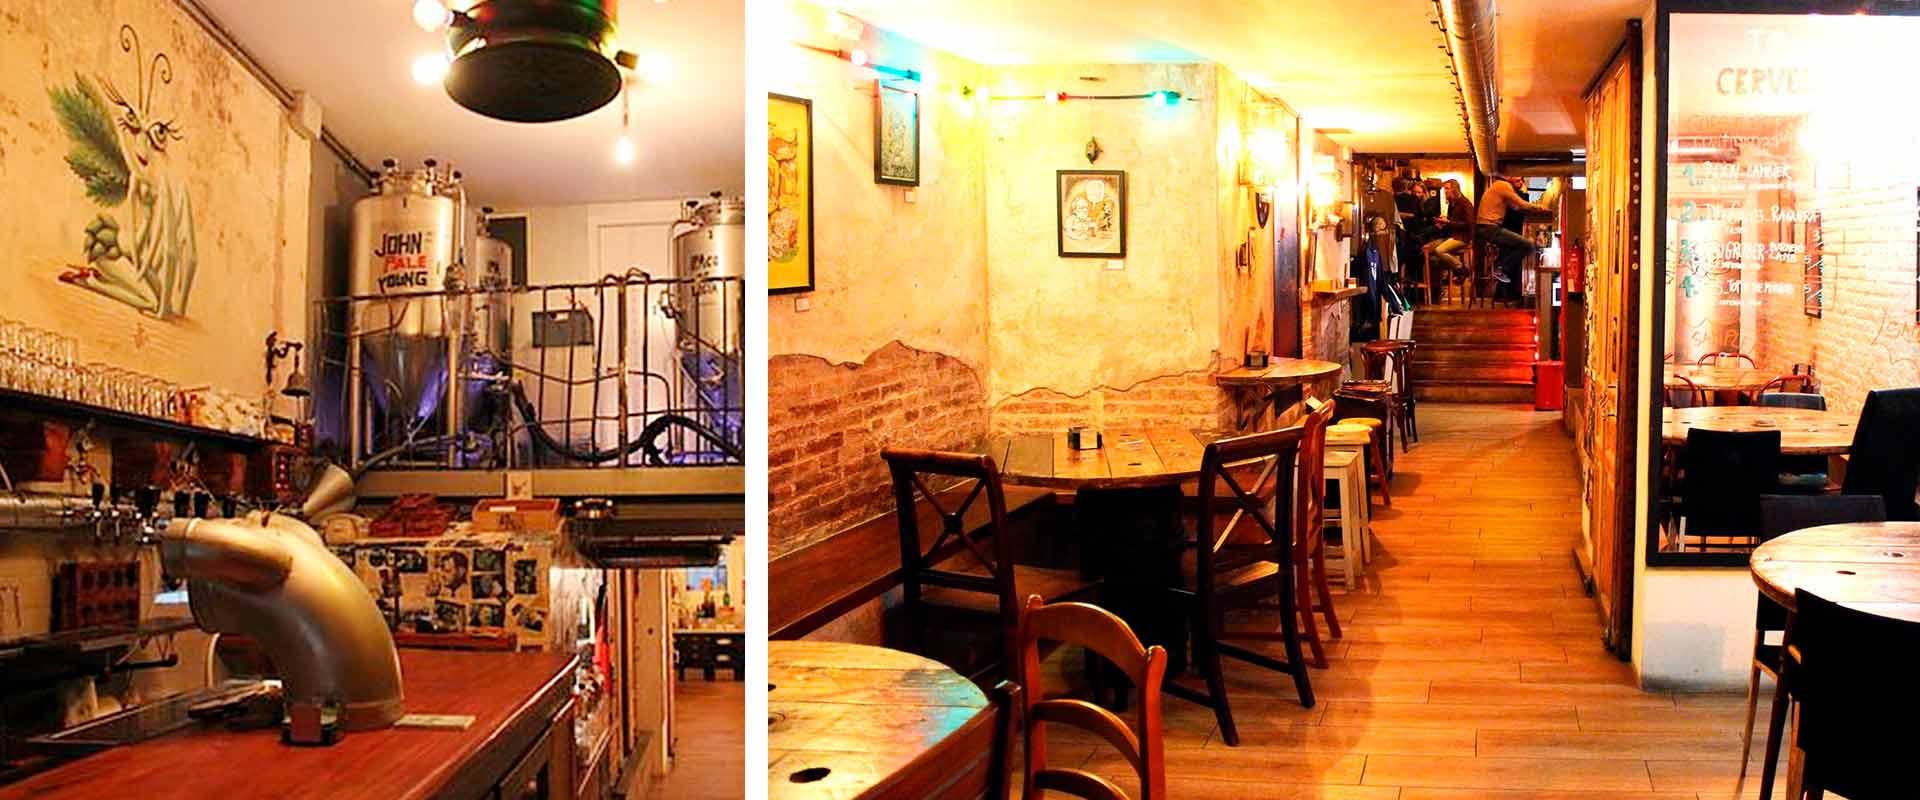 Cervecería Brew Pub Le Sec